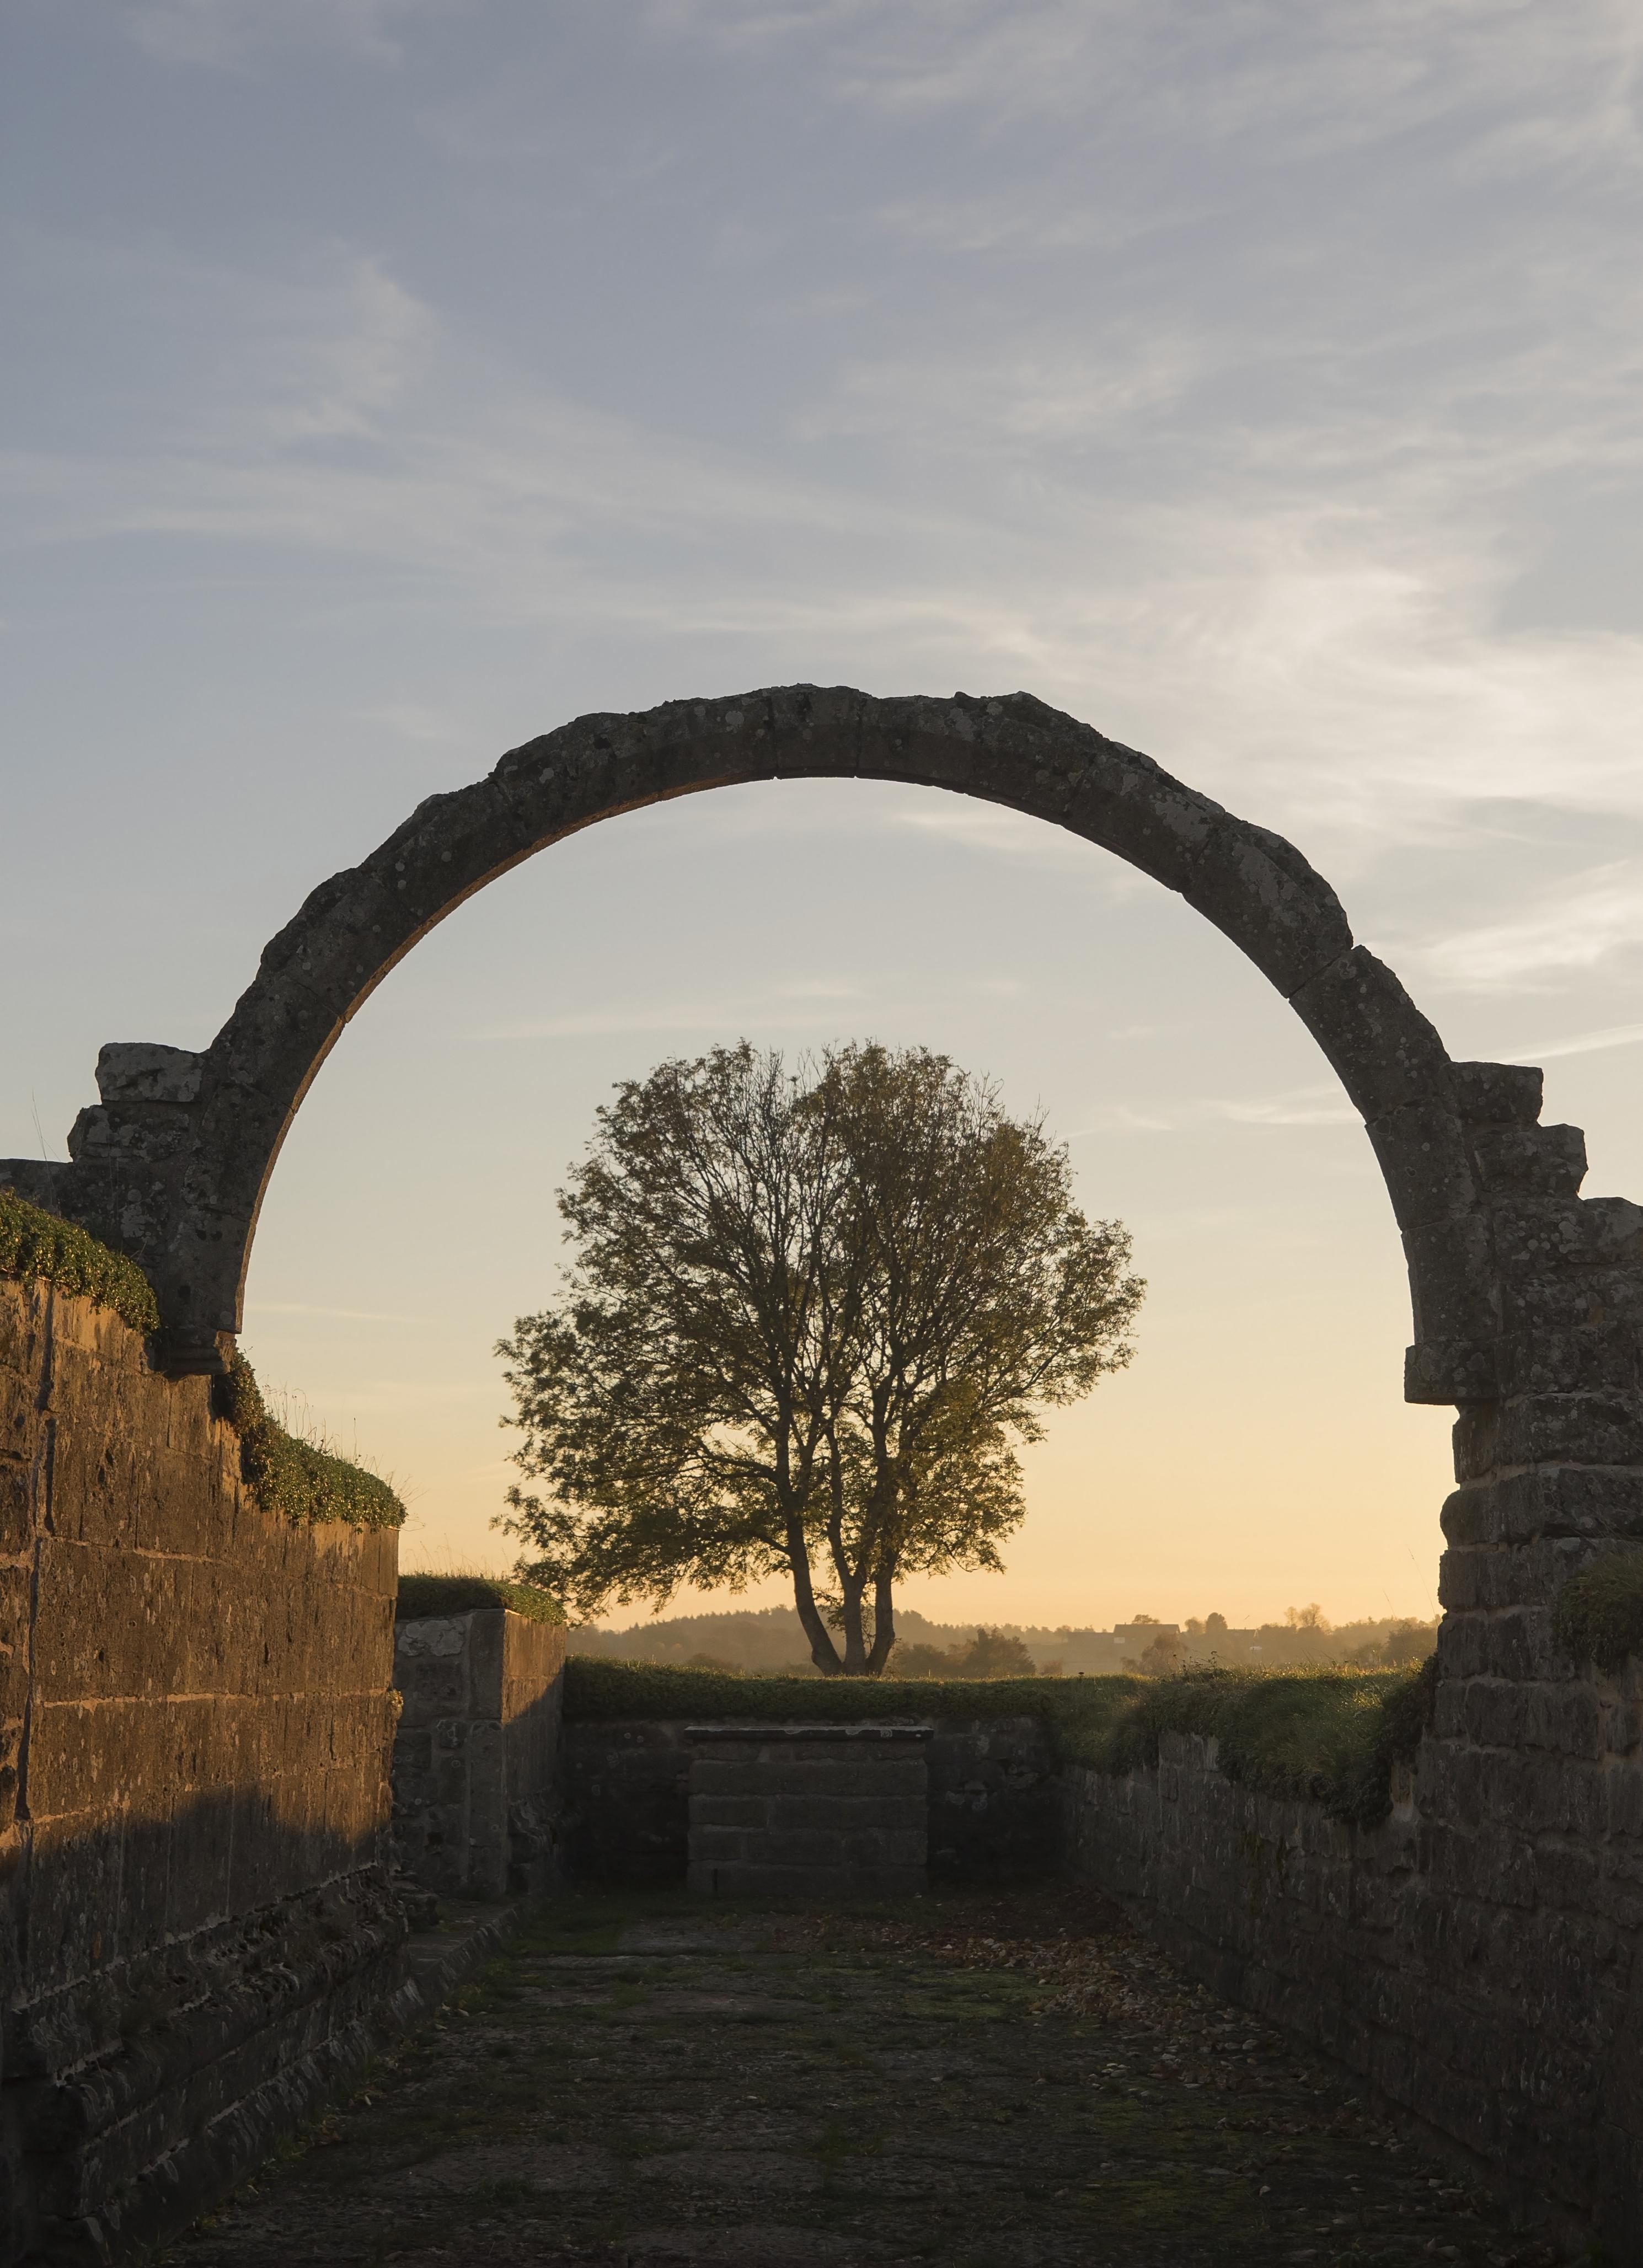 Kvarlämningar av ett medeltida kloster i Gudhem, Falköping, Sweden. Foto: Nicklas Sjölund Larsson CC BY-SA 4.0.